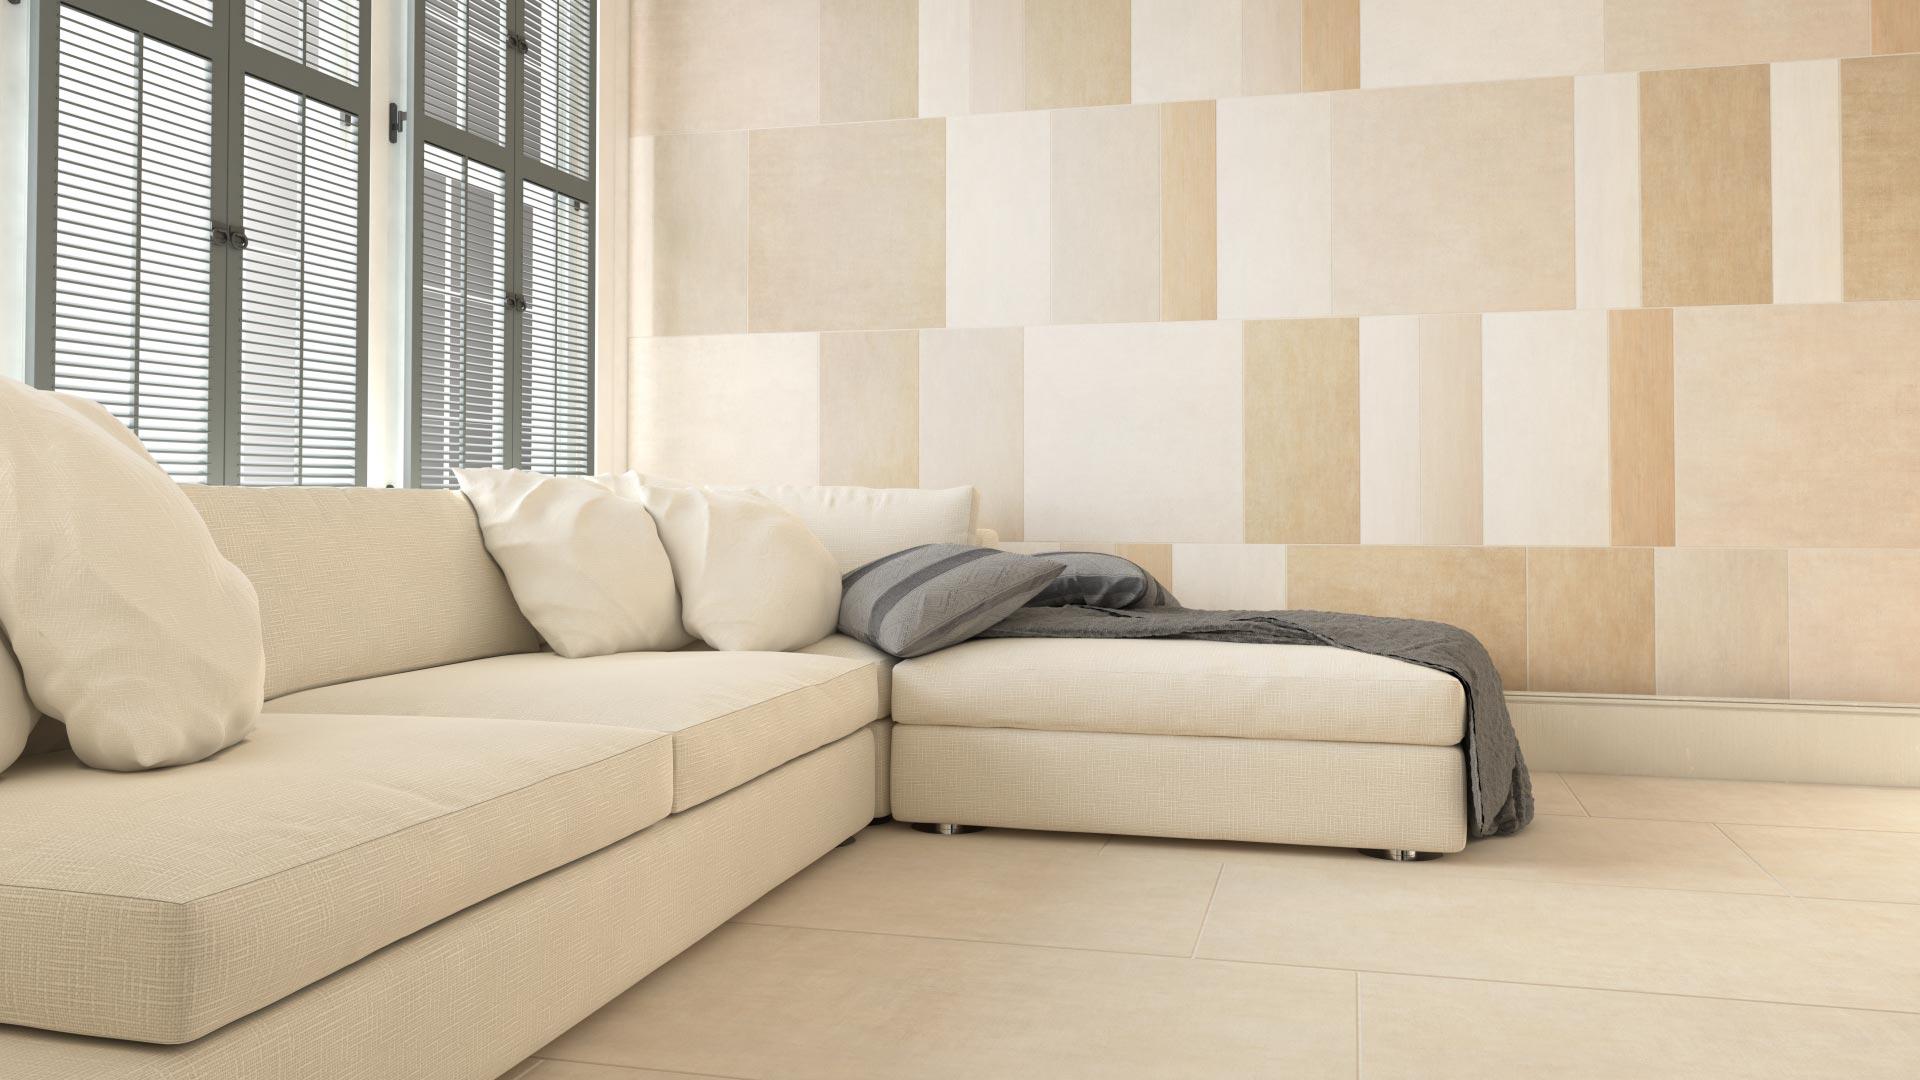 3D-визуализация для компании Estima, жилое помещение © 3DADDY STUDIO